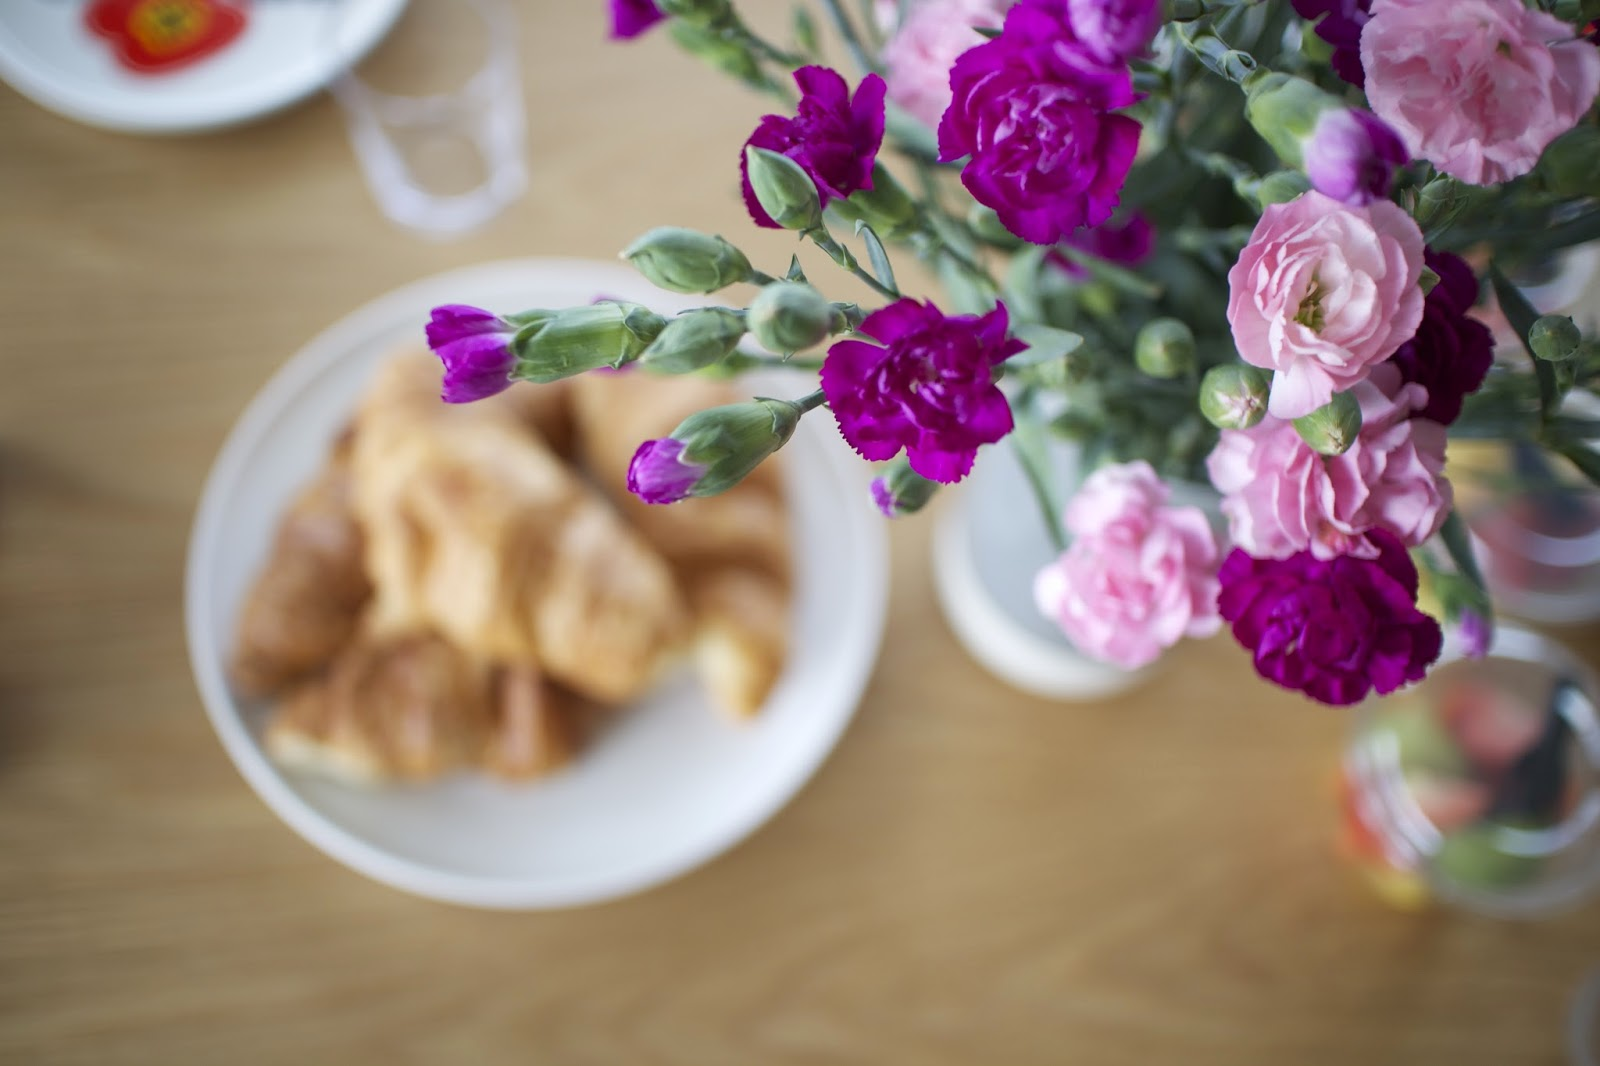 carnations breakfast london